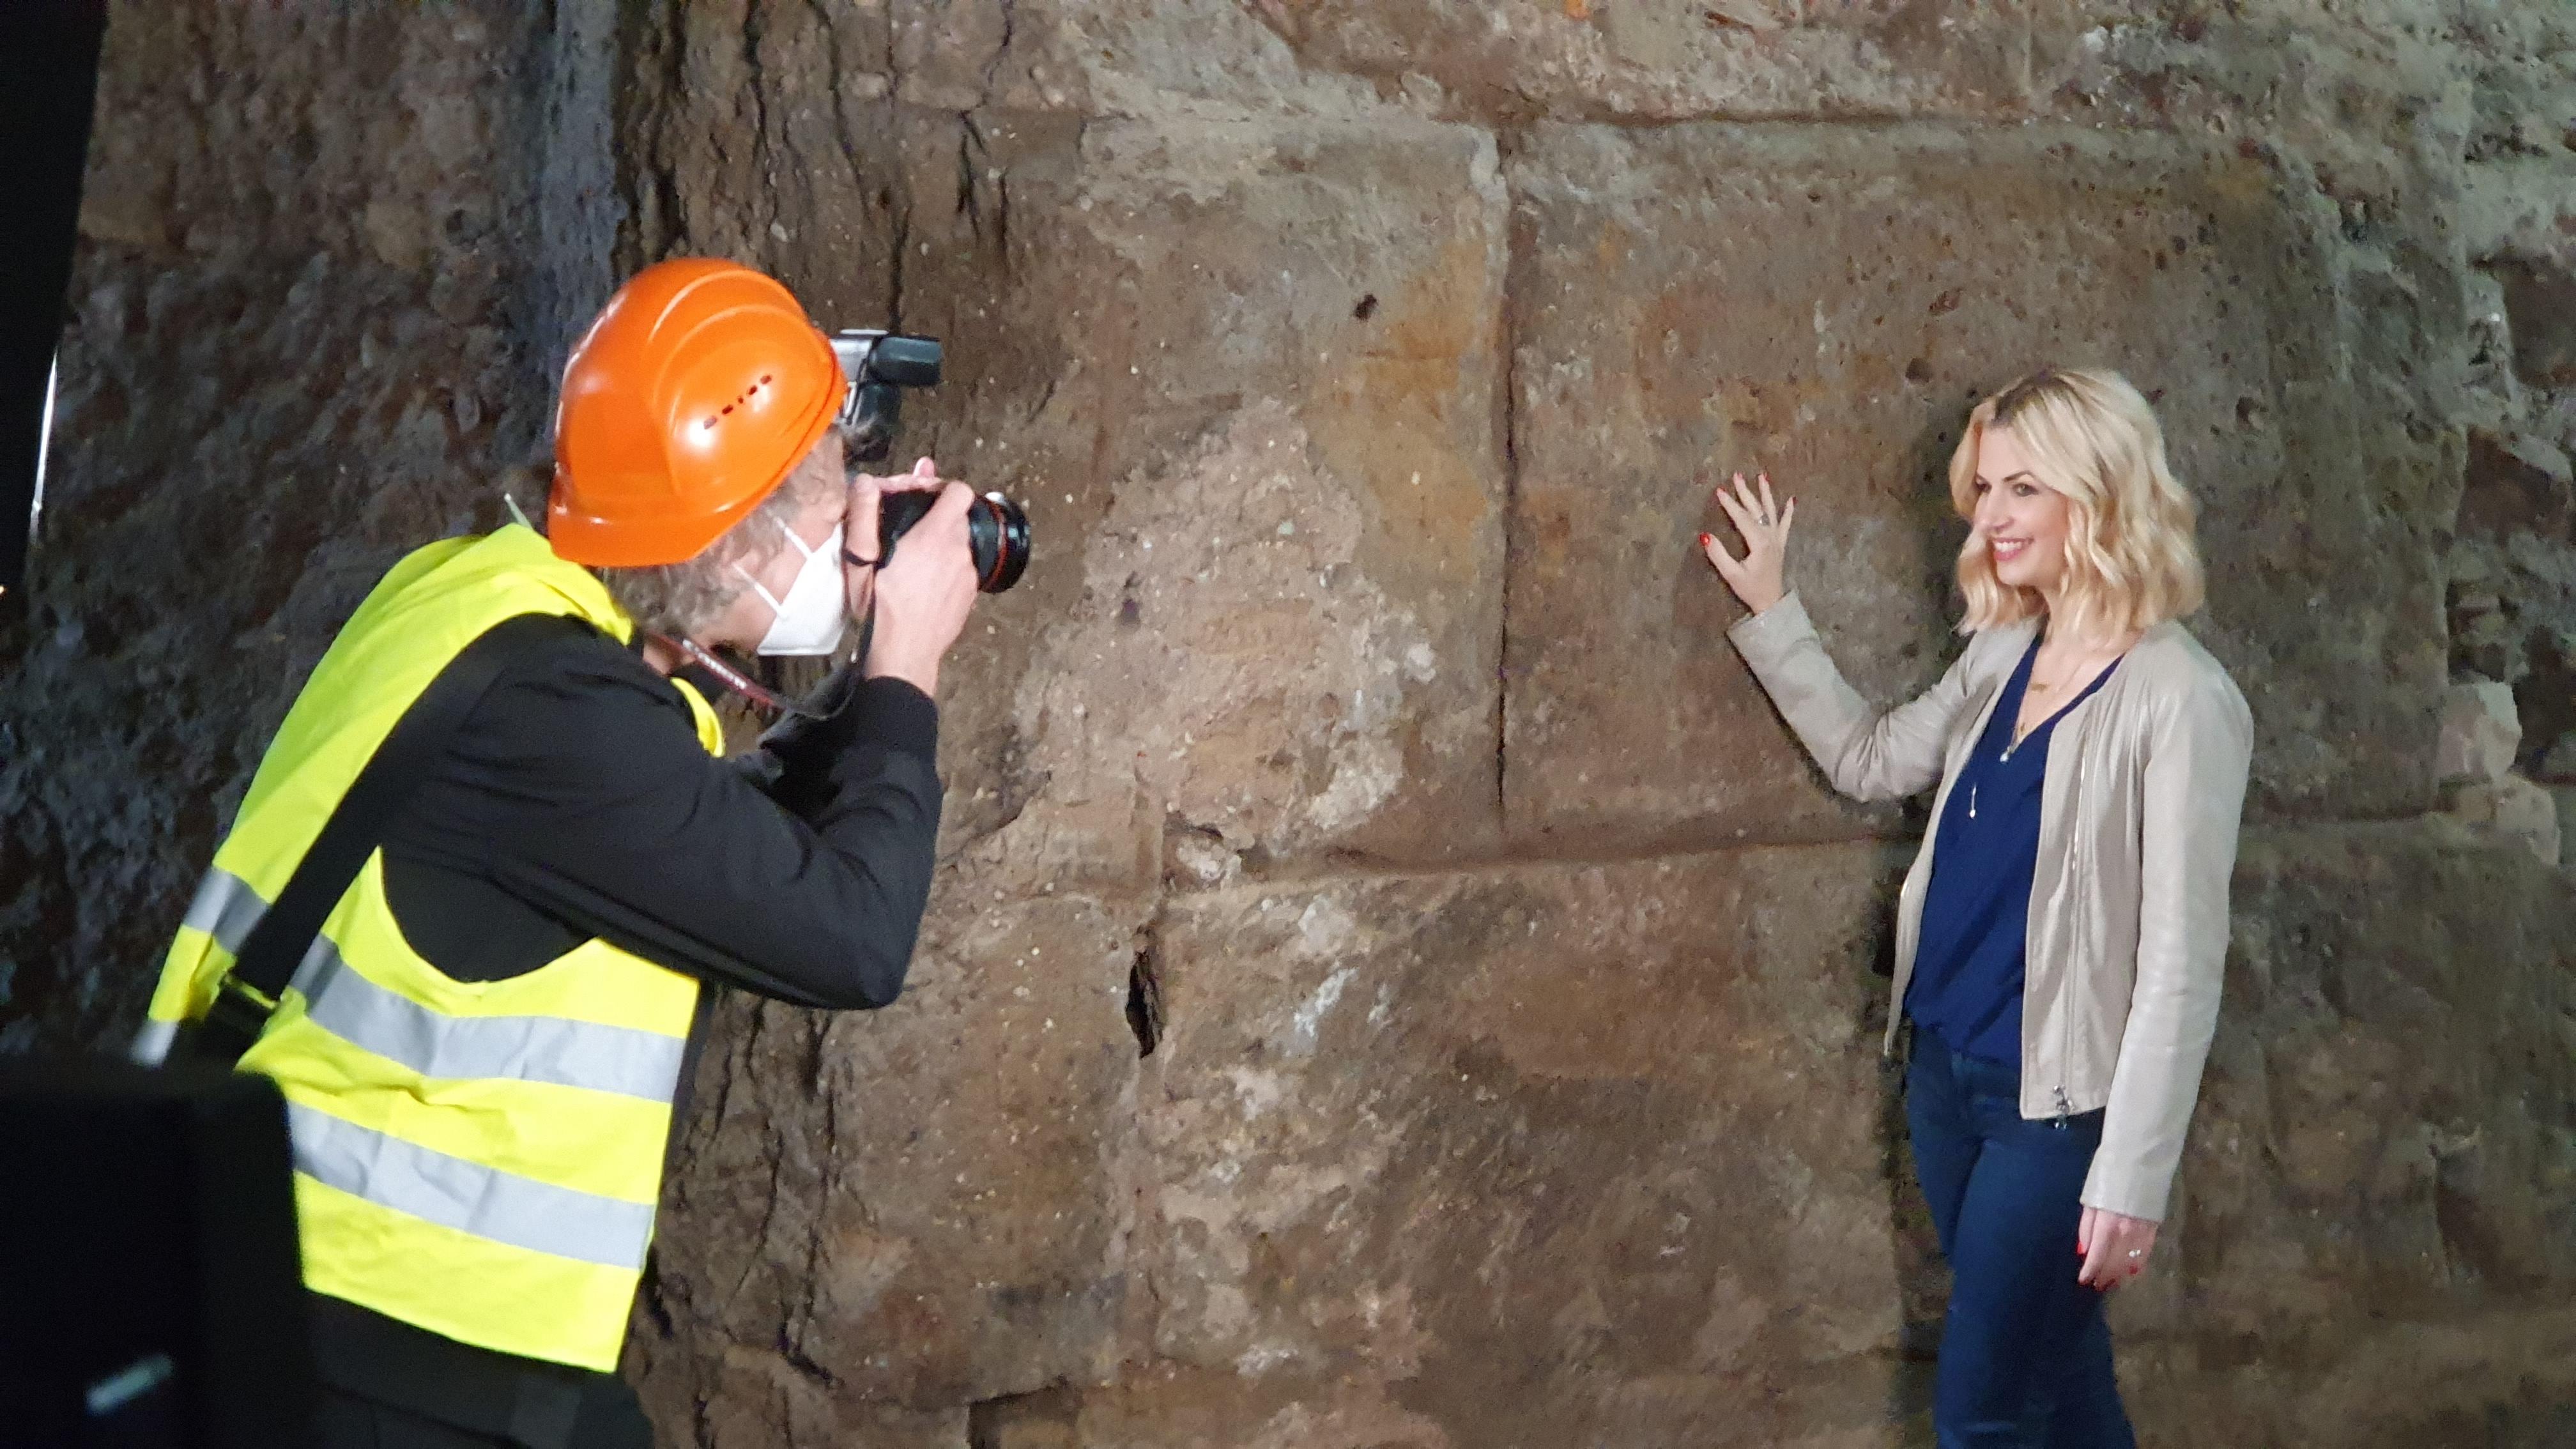 Frau mit blonden Haaren und beige-farbener Jacke lehnt locker an einer Mauer in der archäologischen Grabung. Sie wird von einem Mann mit Bauhelm, Kamera und Warnweste fotografiert.